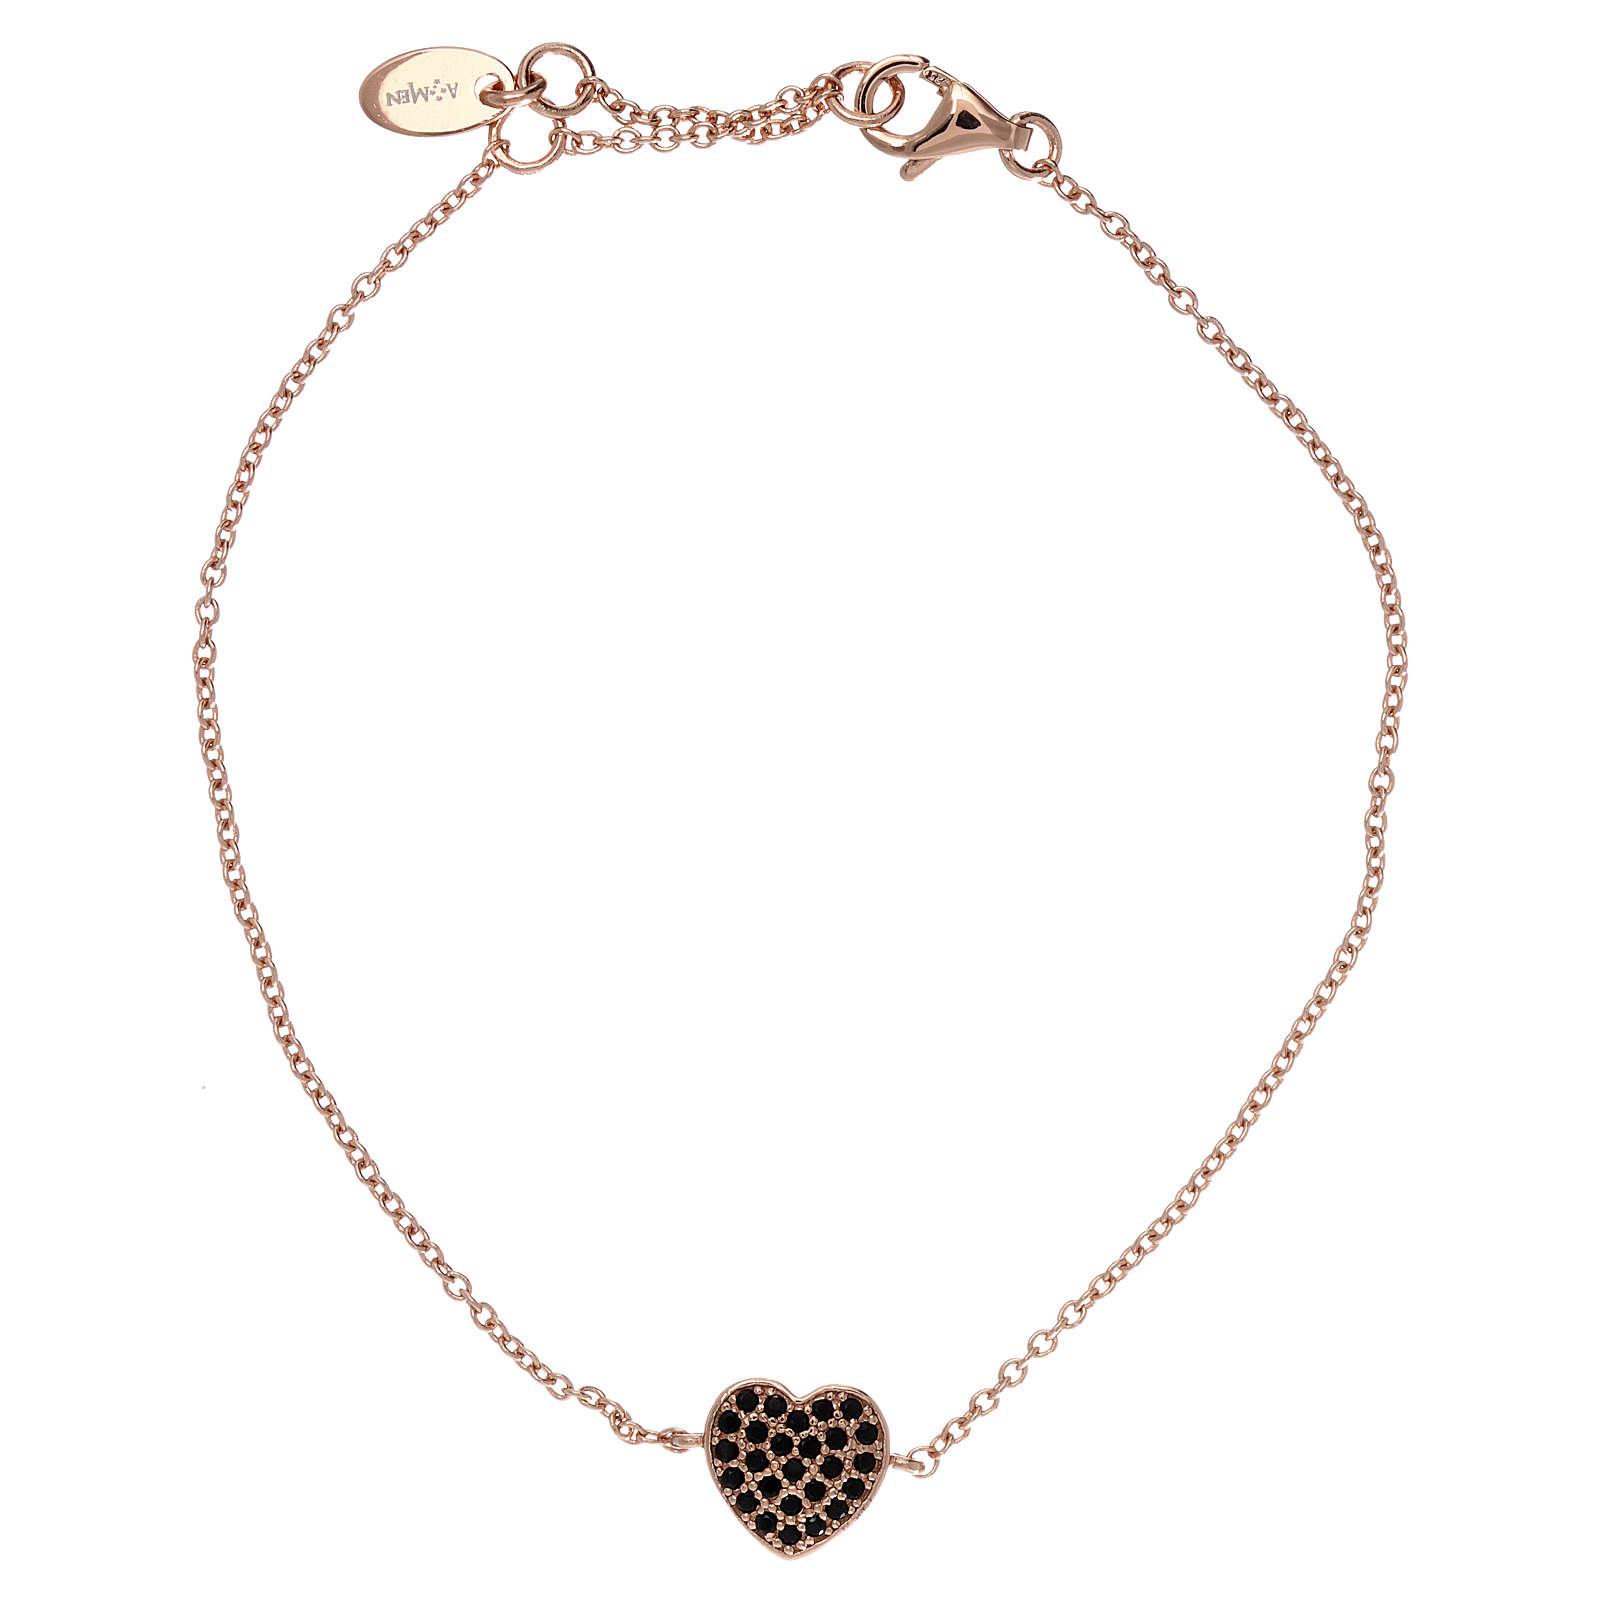 Bracelet argent 925 rosé pendentif coeur avec zircons noirs 4